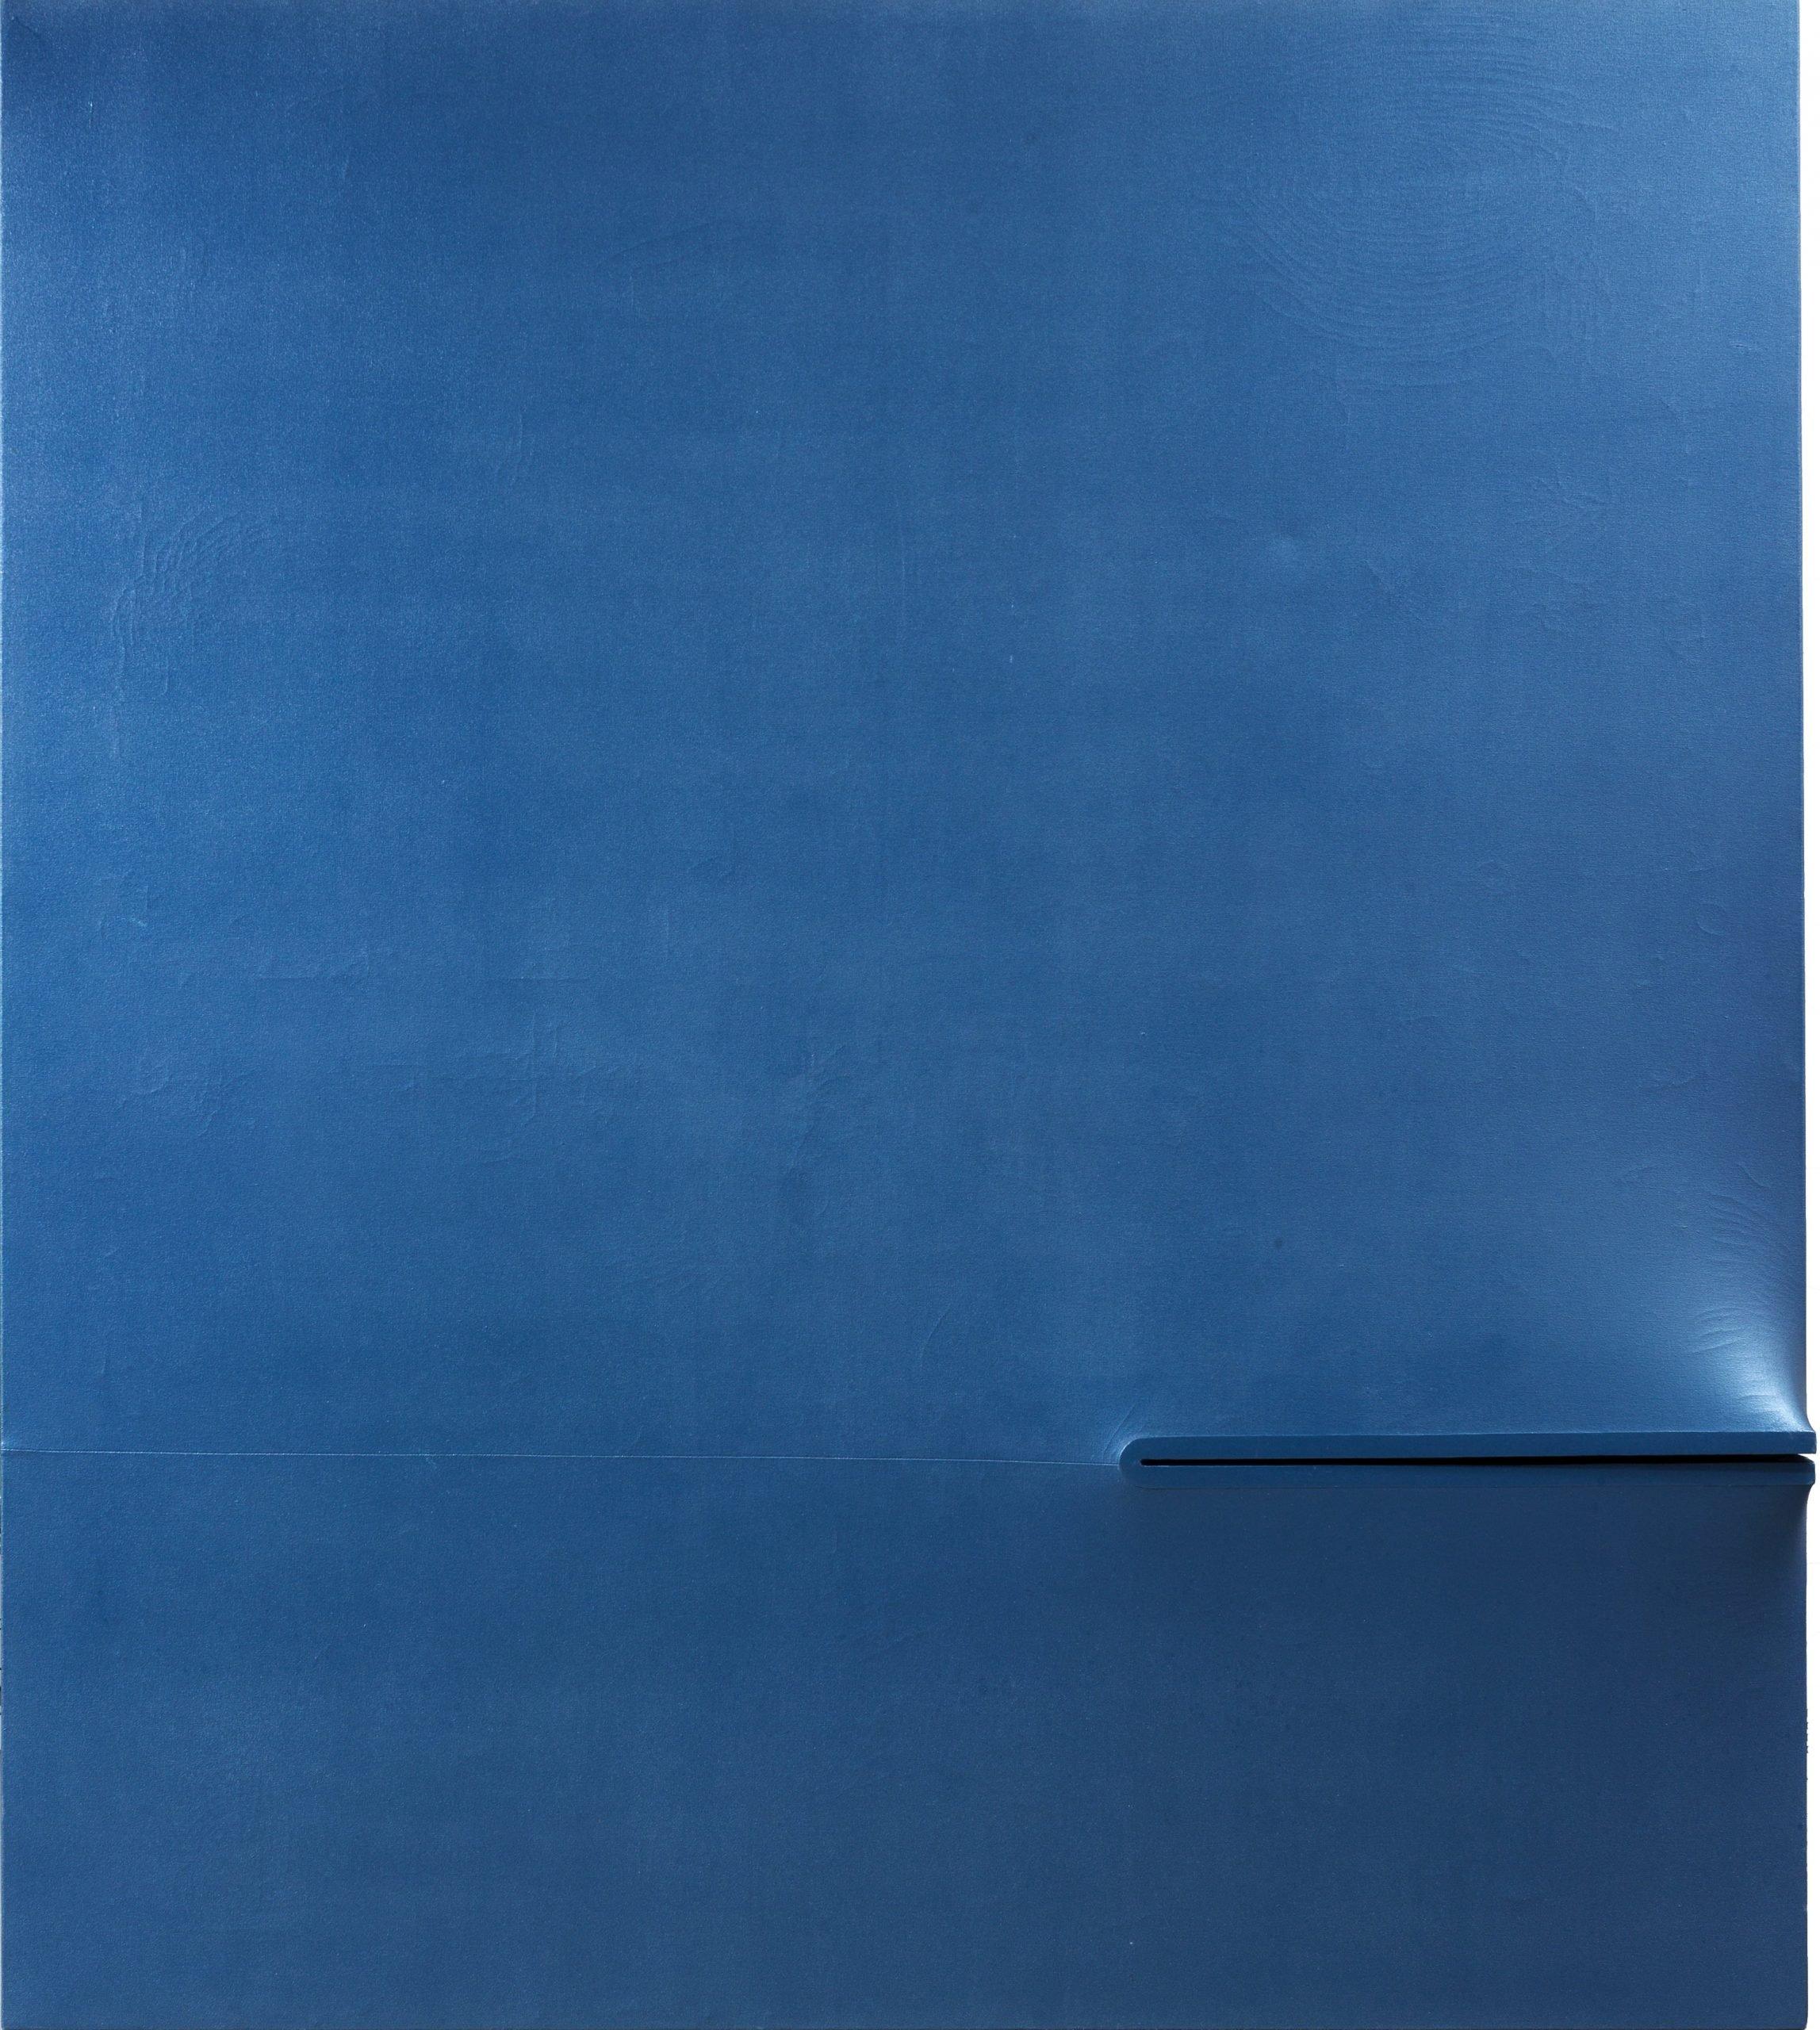 Agostino Bonalumi,  Blu, 1972 tempera sur toile exoflexe 180 x 160 cm